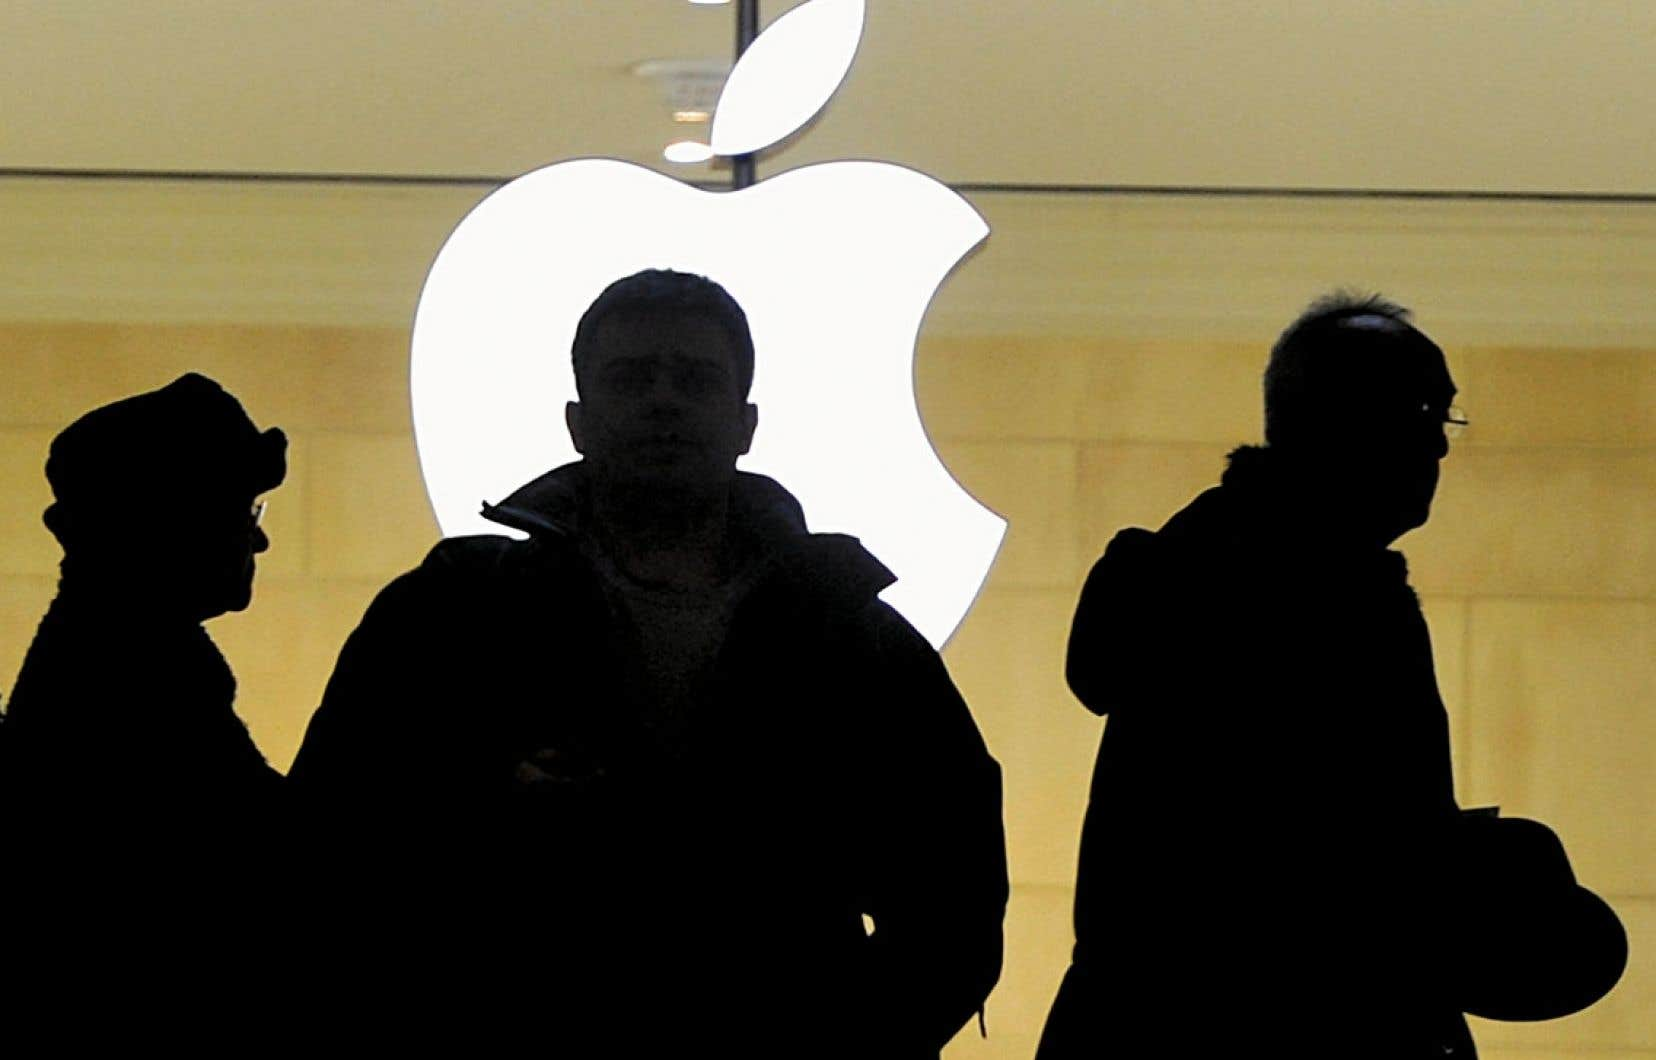 Apple a pris la première place au palmarès des marques les plus puissantes. Mais, l'an prochain, l'entreprise devra surveiller son rival Samsung.